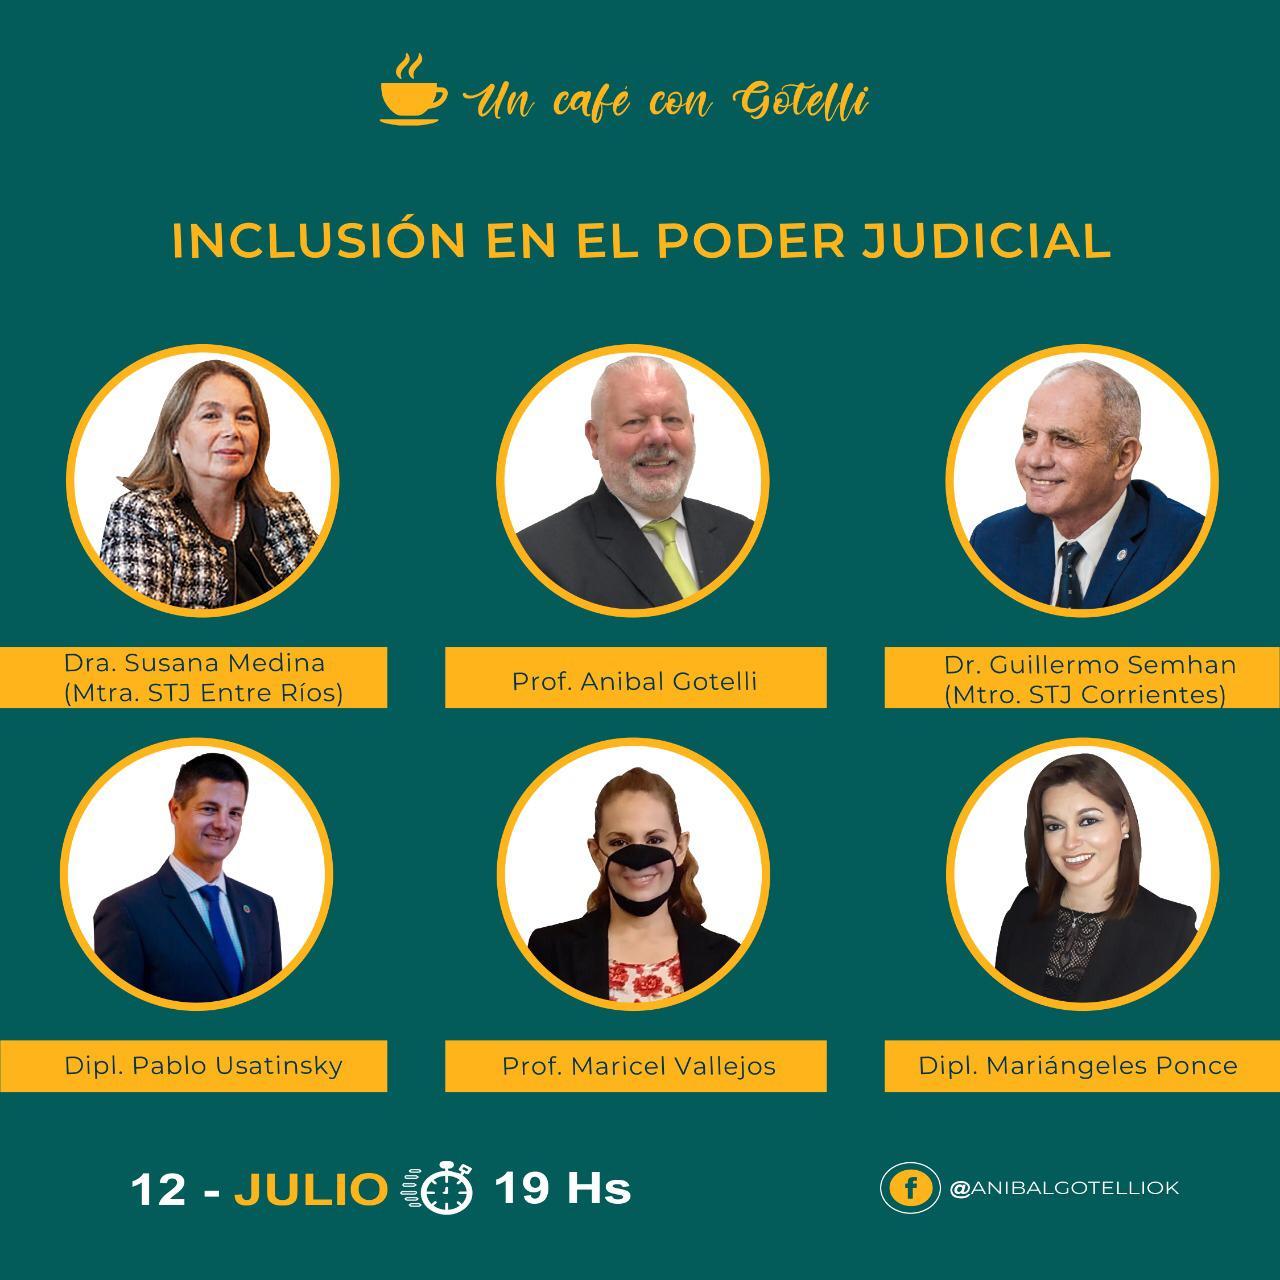 Inclusión en el Poder Judicial